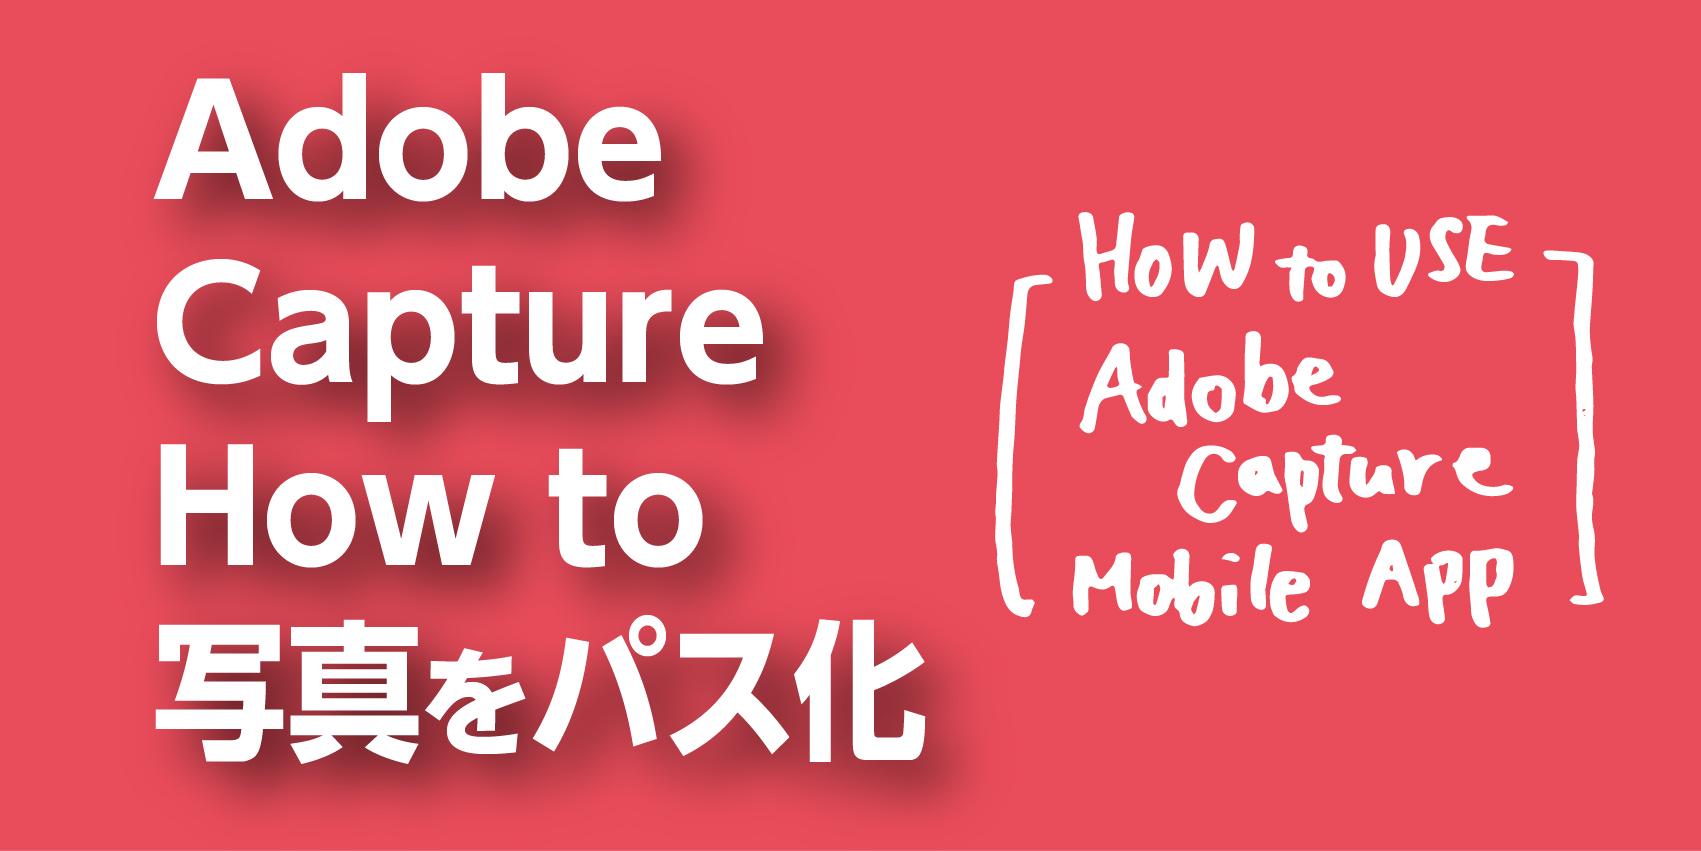 超絶便利【Adobe capture】2.  紙に書いたイラストをパス化する